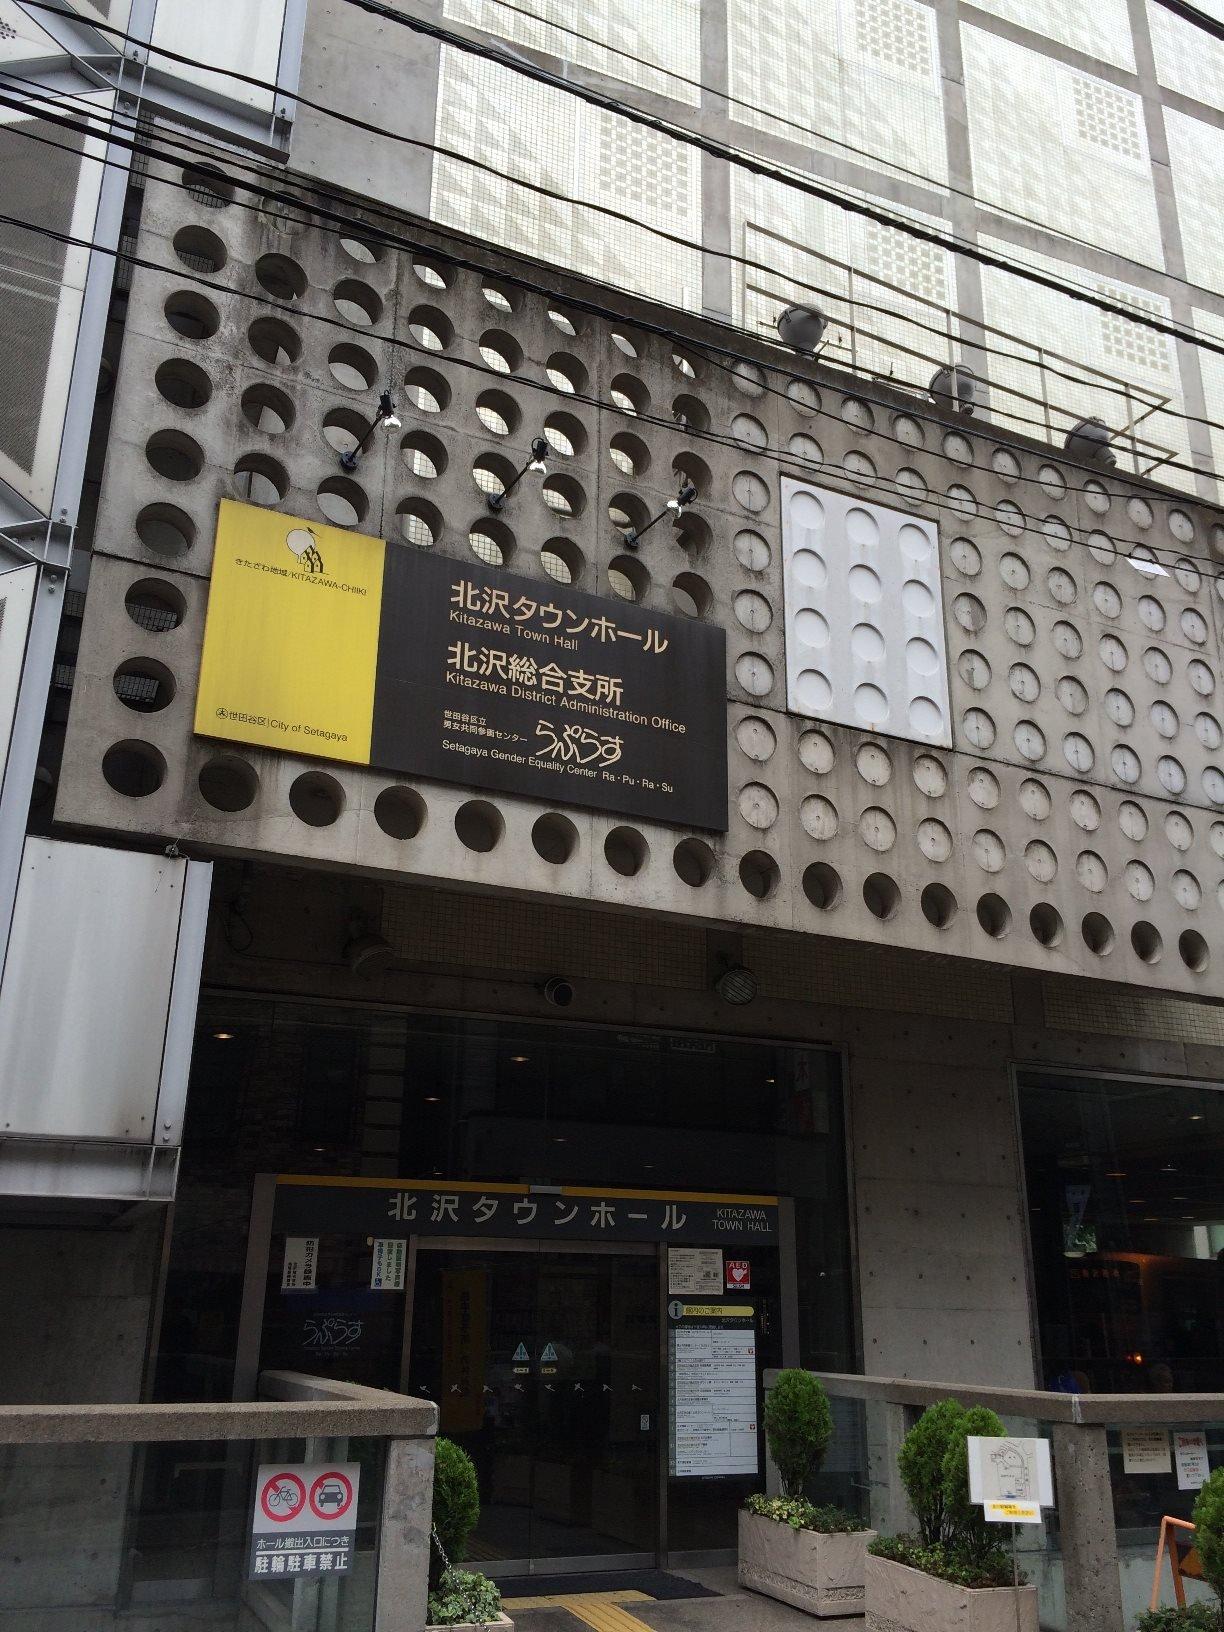 北沢タウンホール内にある世田谷区の窓口「北沢総合支所」